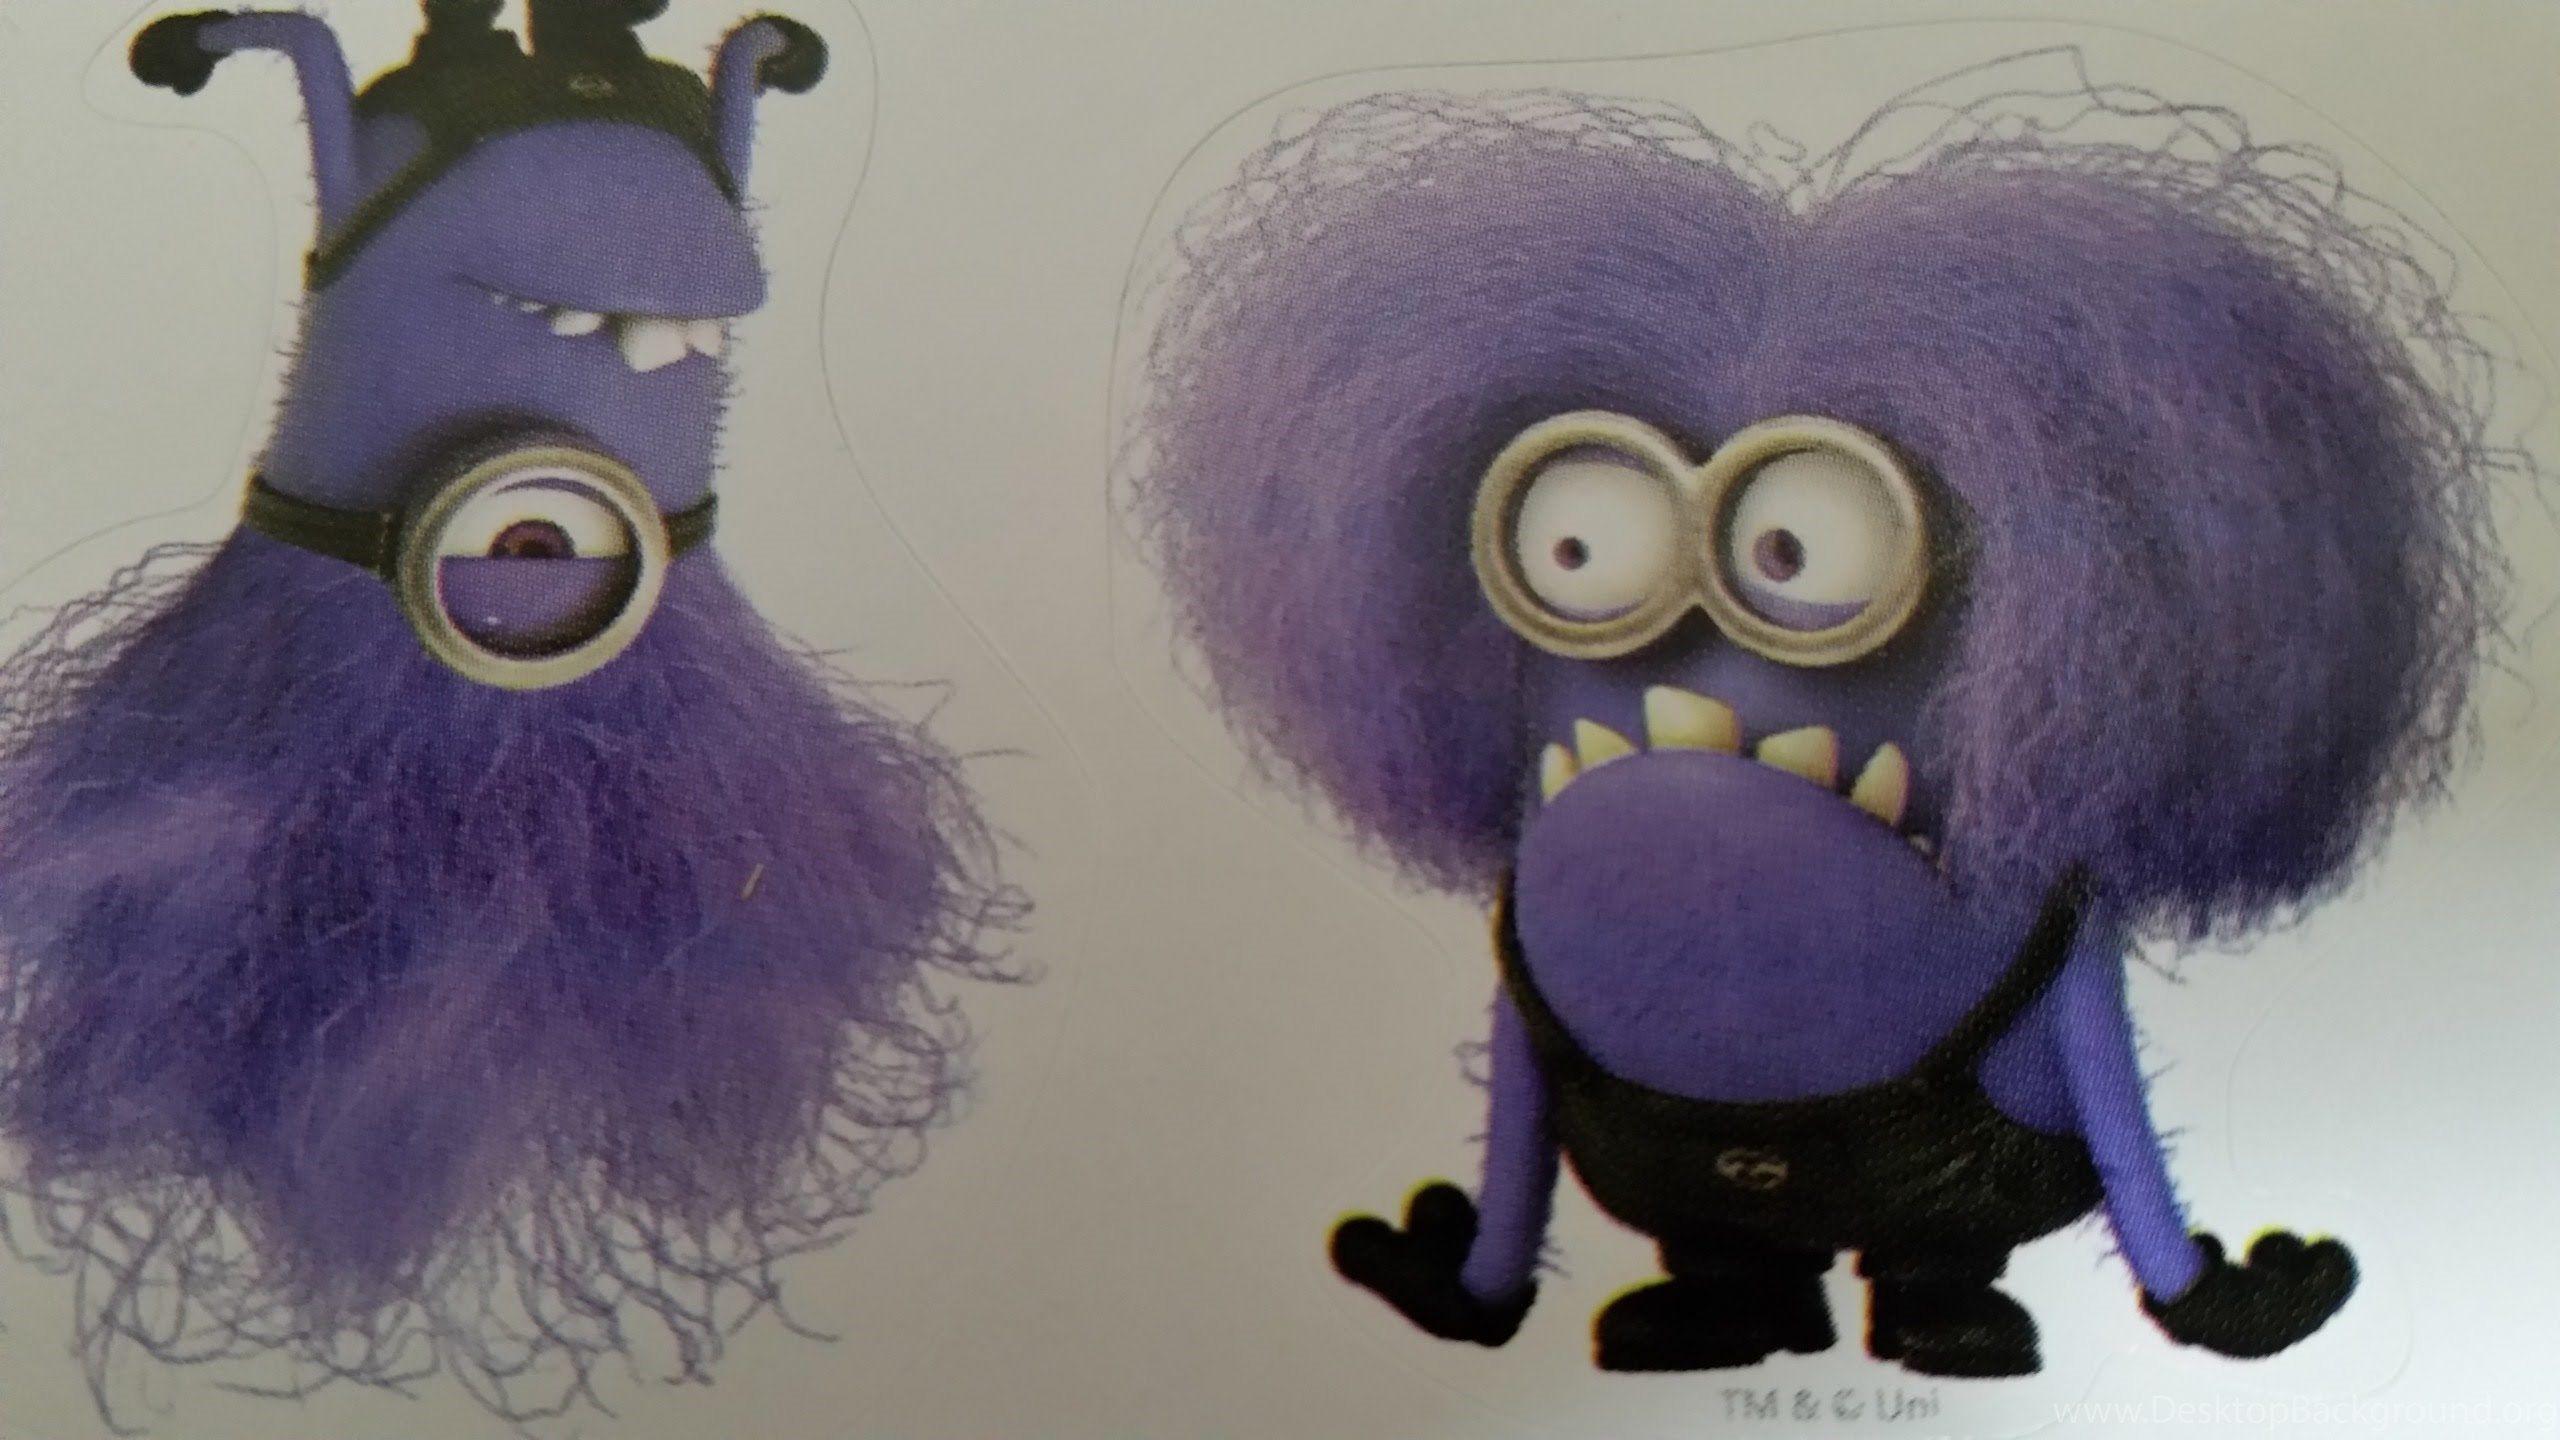 каждом злой фиолетовый миньон картинка хочется